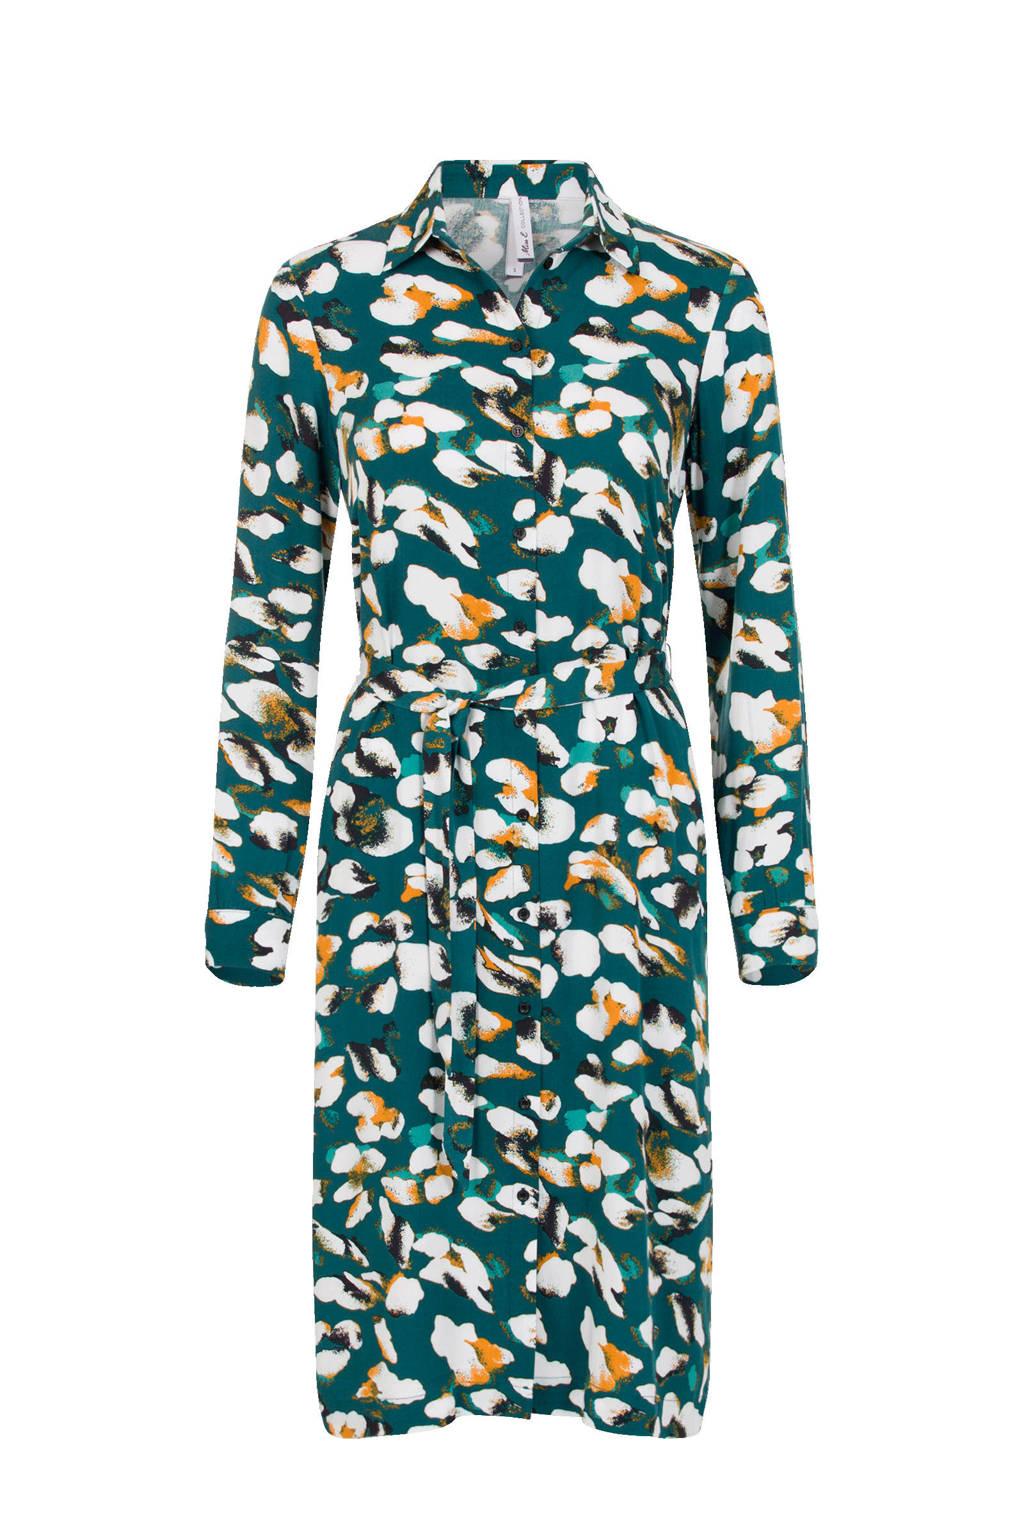 Miss Etam Regulier blousejurk met all over print en ceintuur groen/geel/wit, Groen/geel/wit